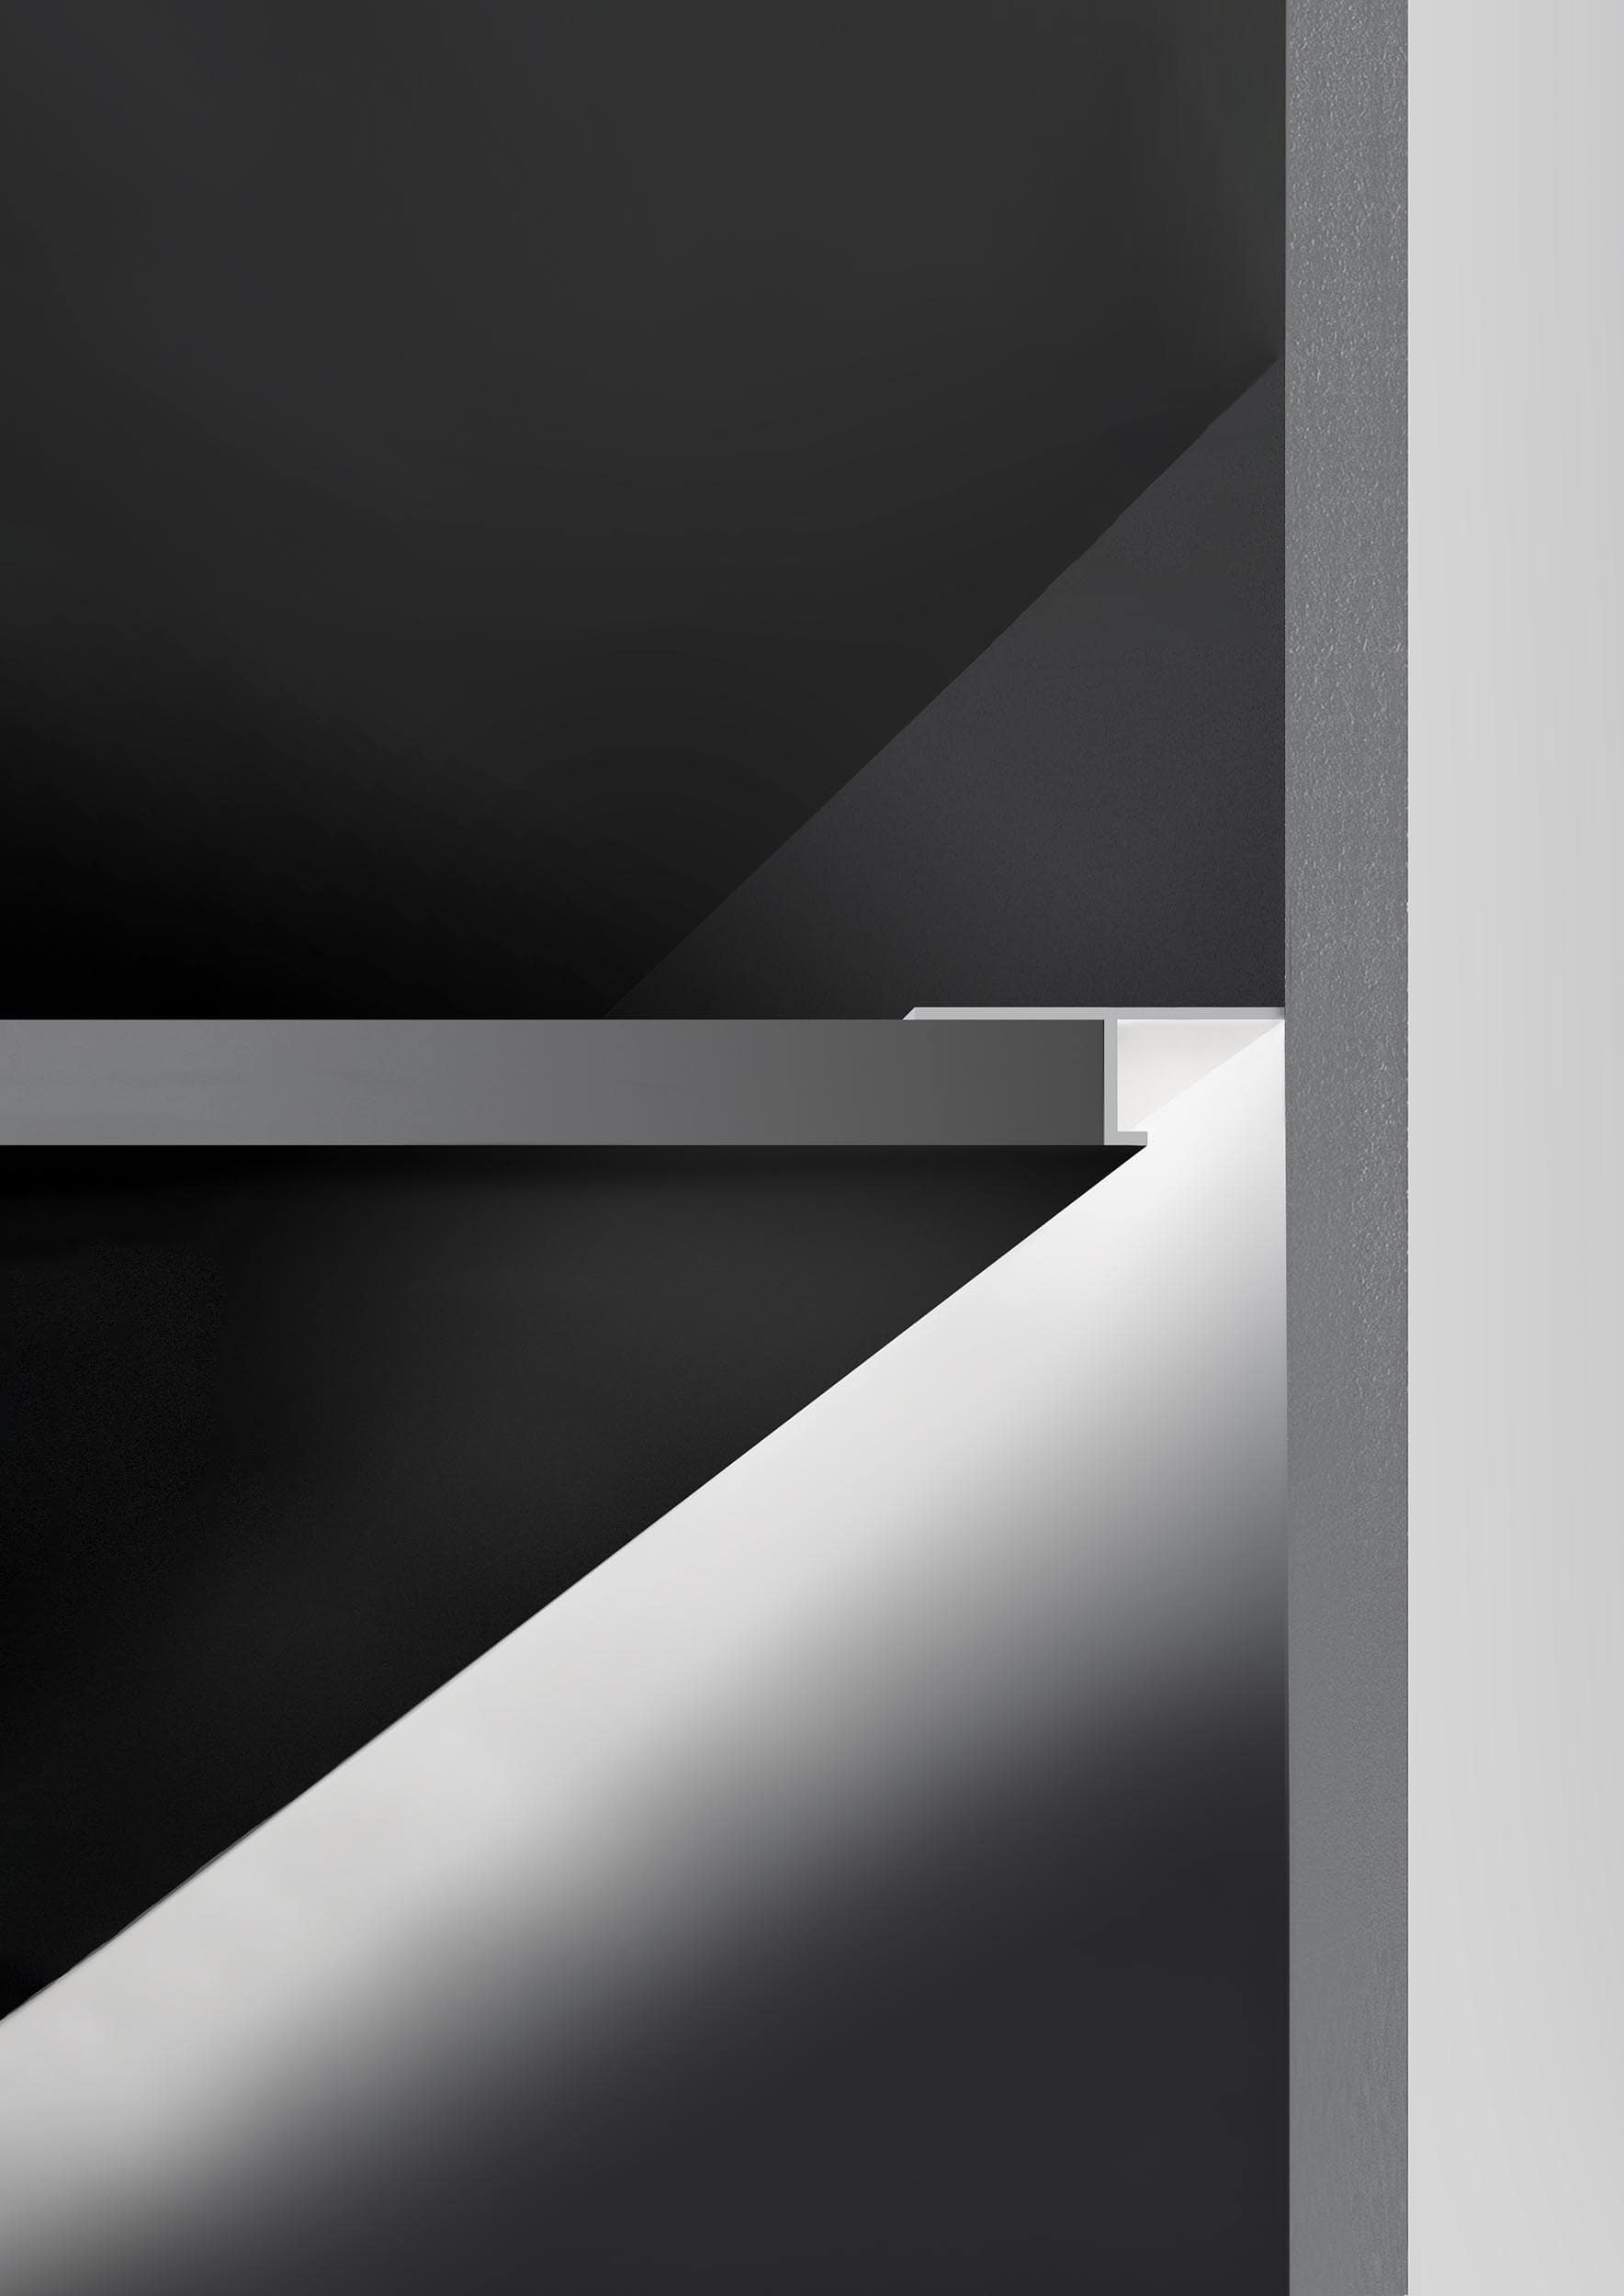 GHOST_LINE_19_OLEV_profilo_incasso_alluminio_cartongesso_led